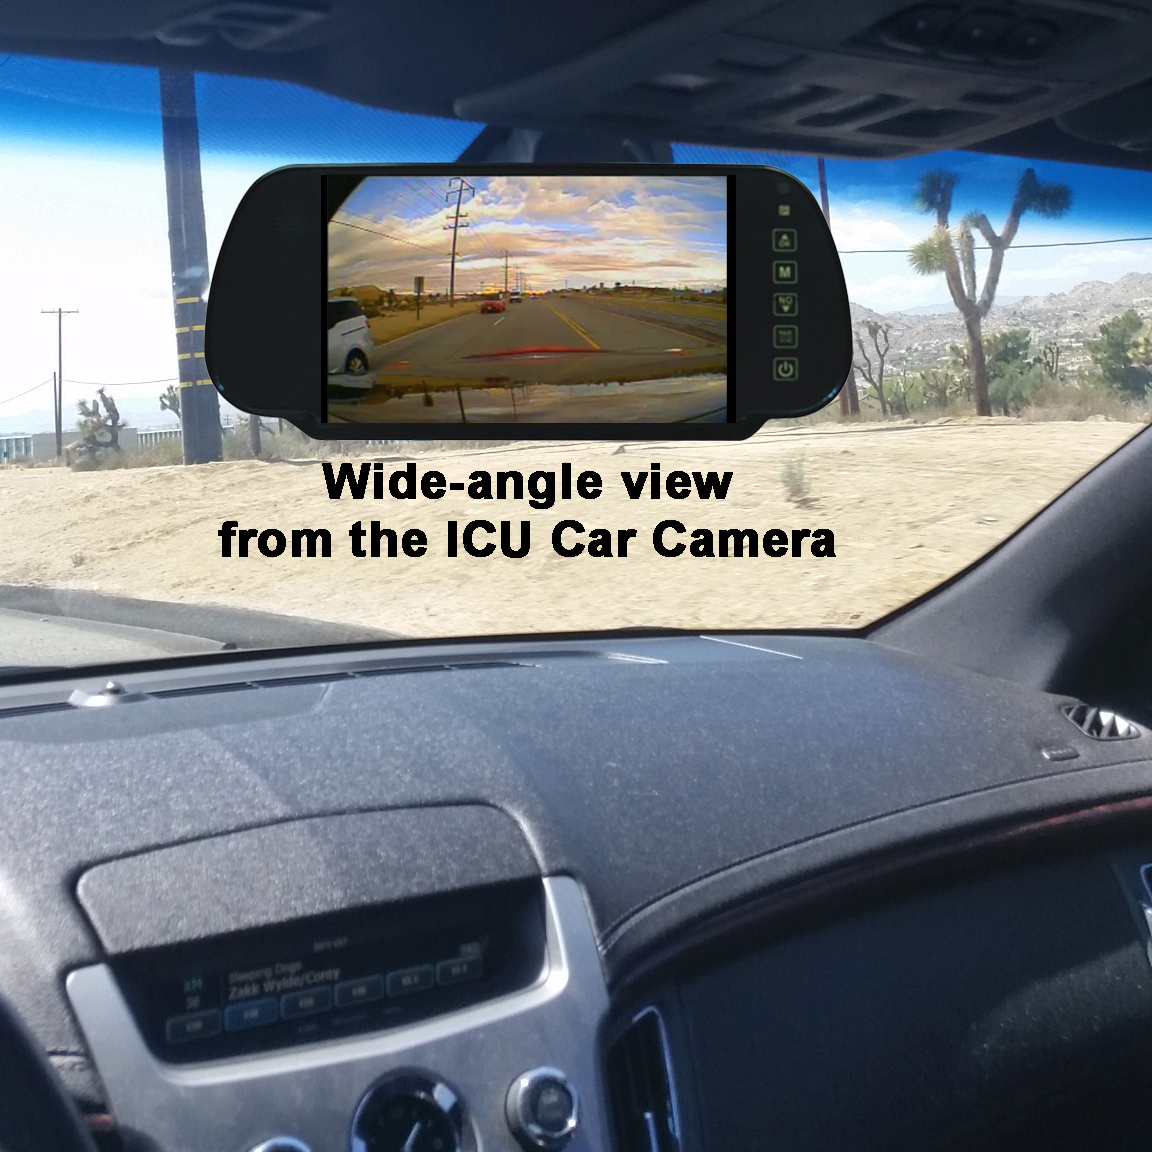 Blackbird Icu Car Cam System Dualcam Icu Car Cam System